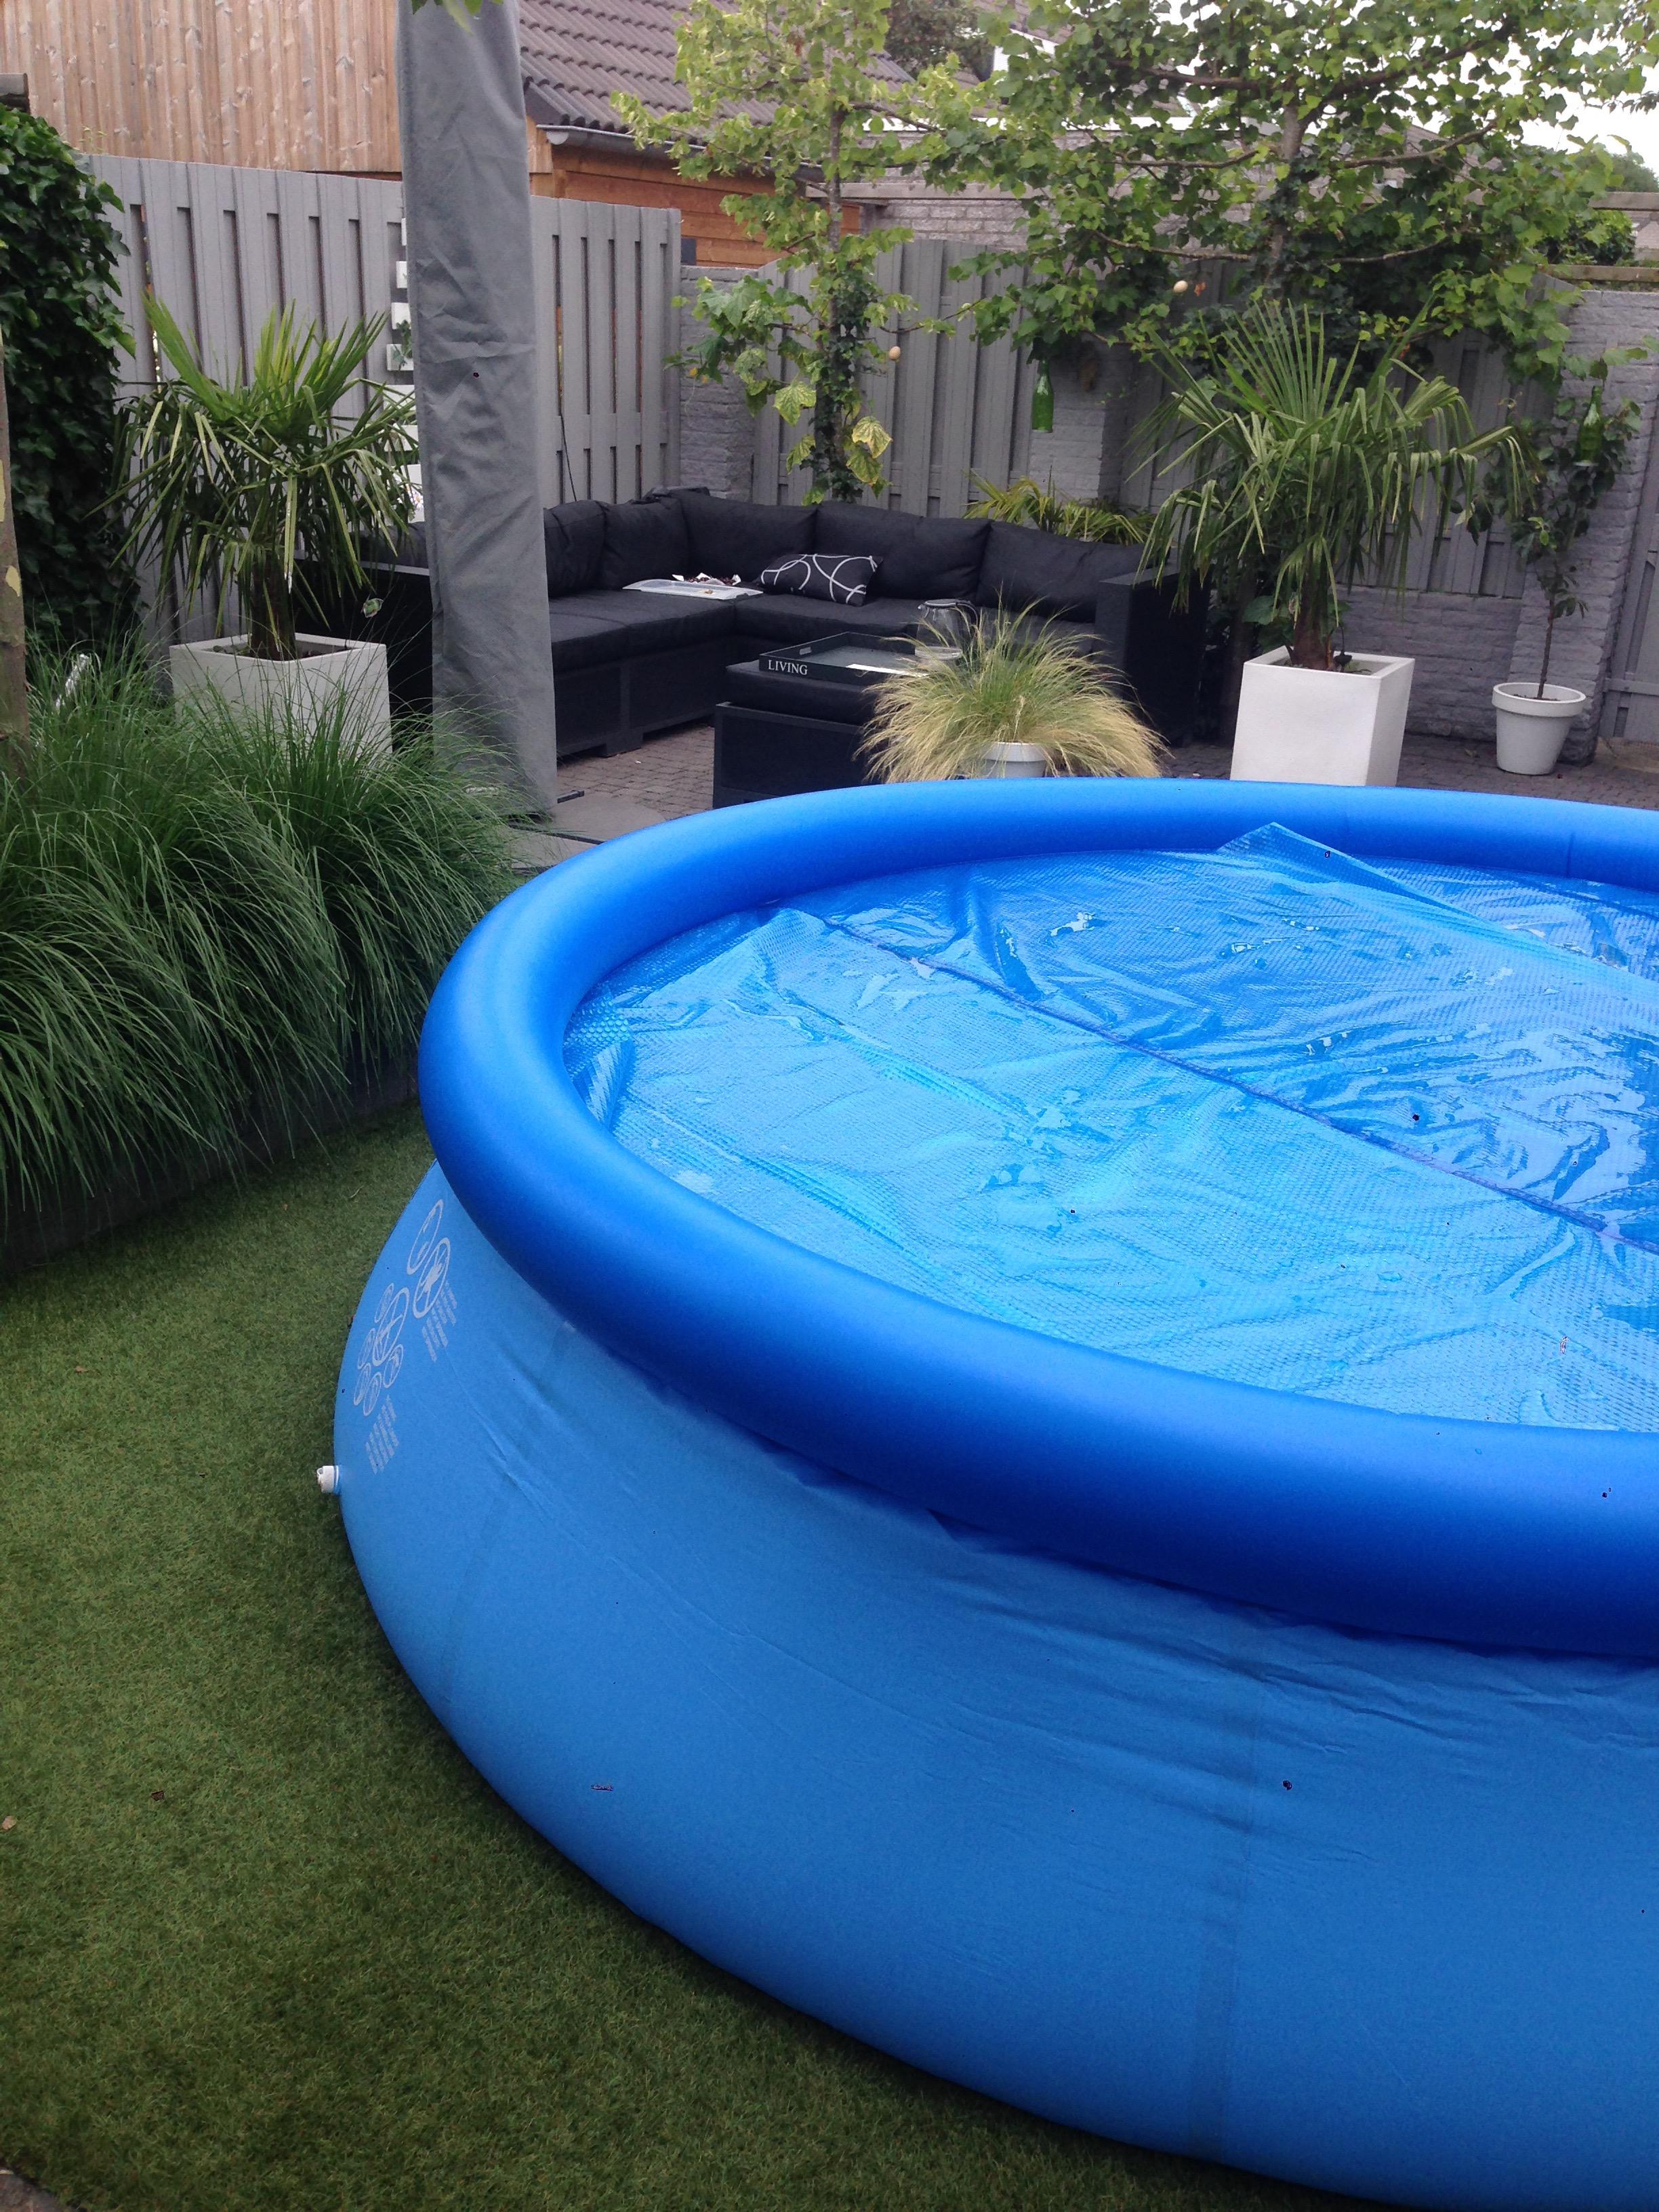 Wel of niet rendabel om een zwembad op te zetten in je for Zwembad rechthoekig met pomp